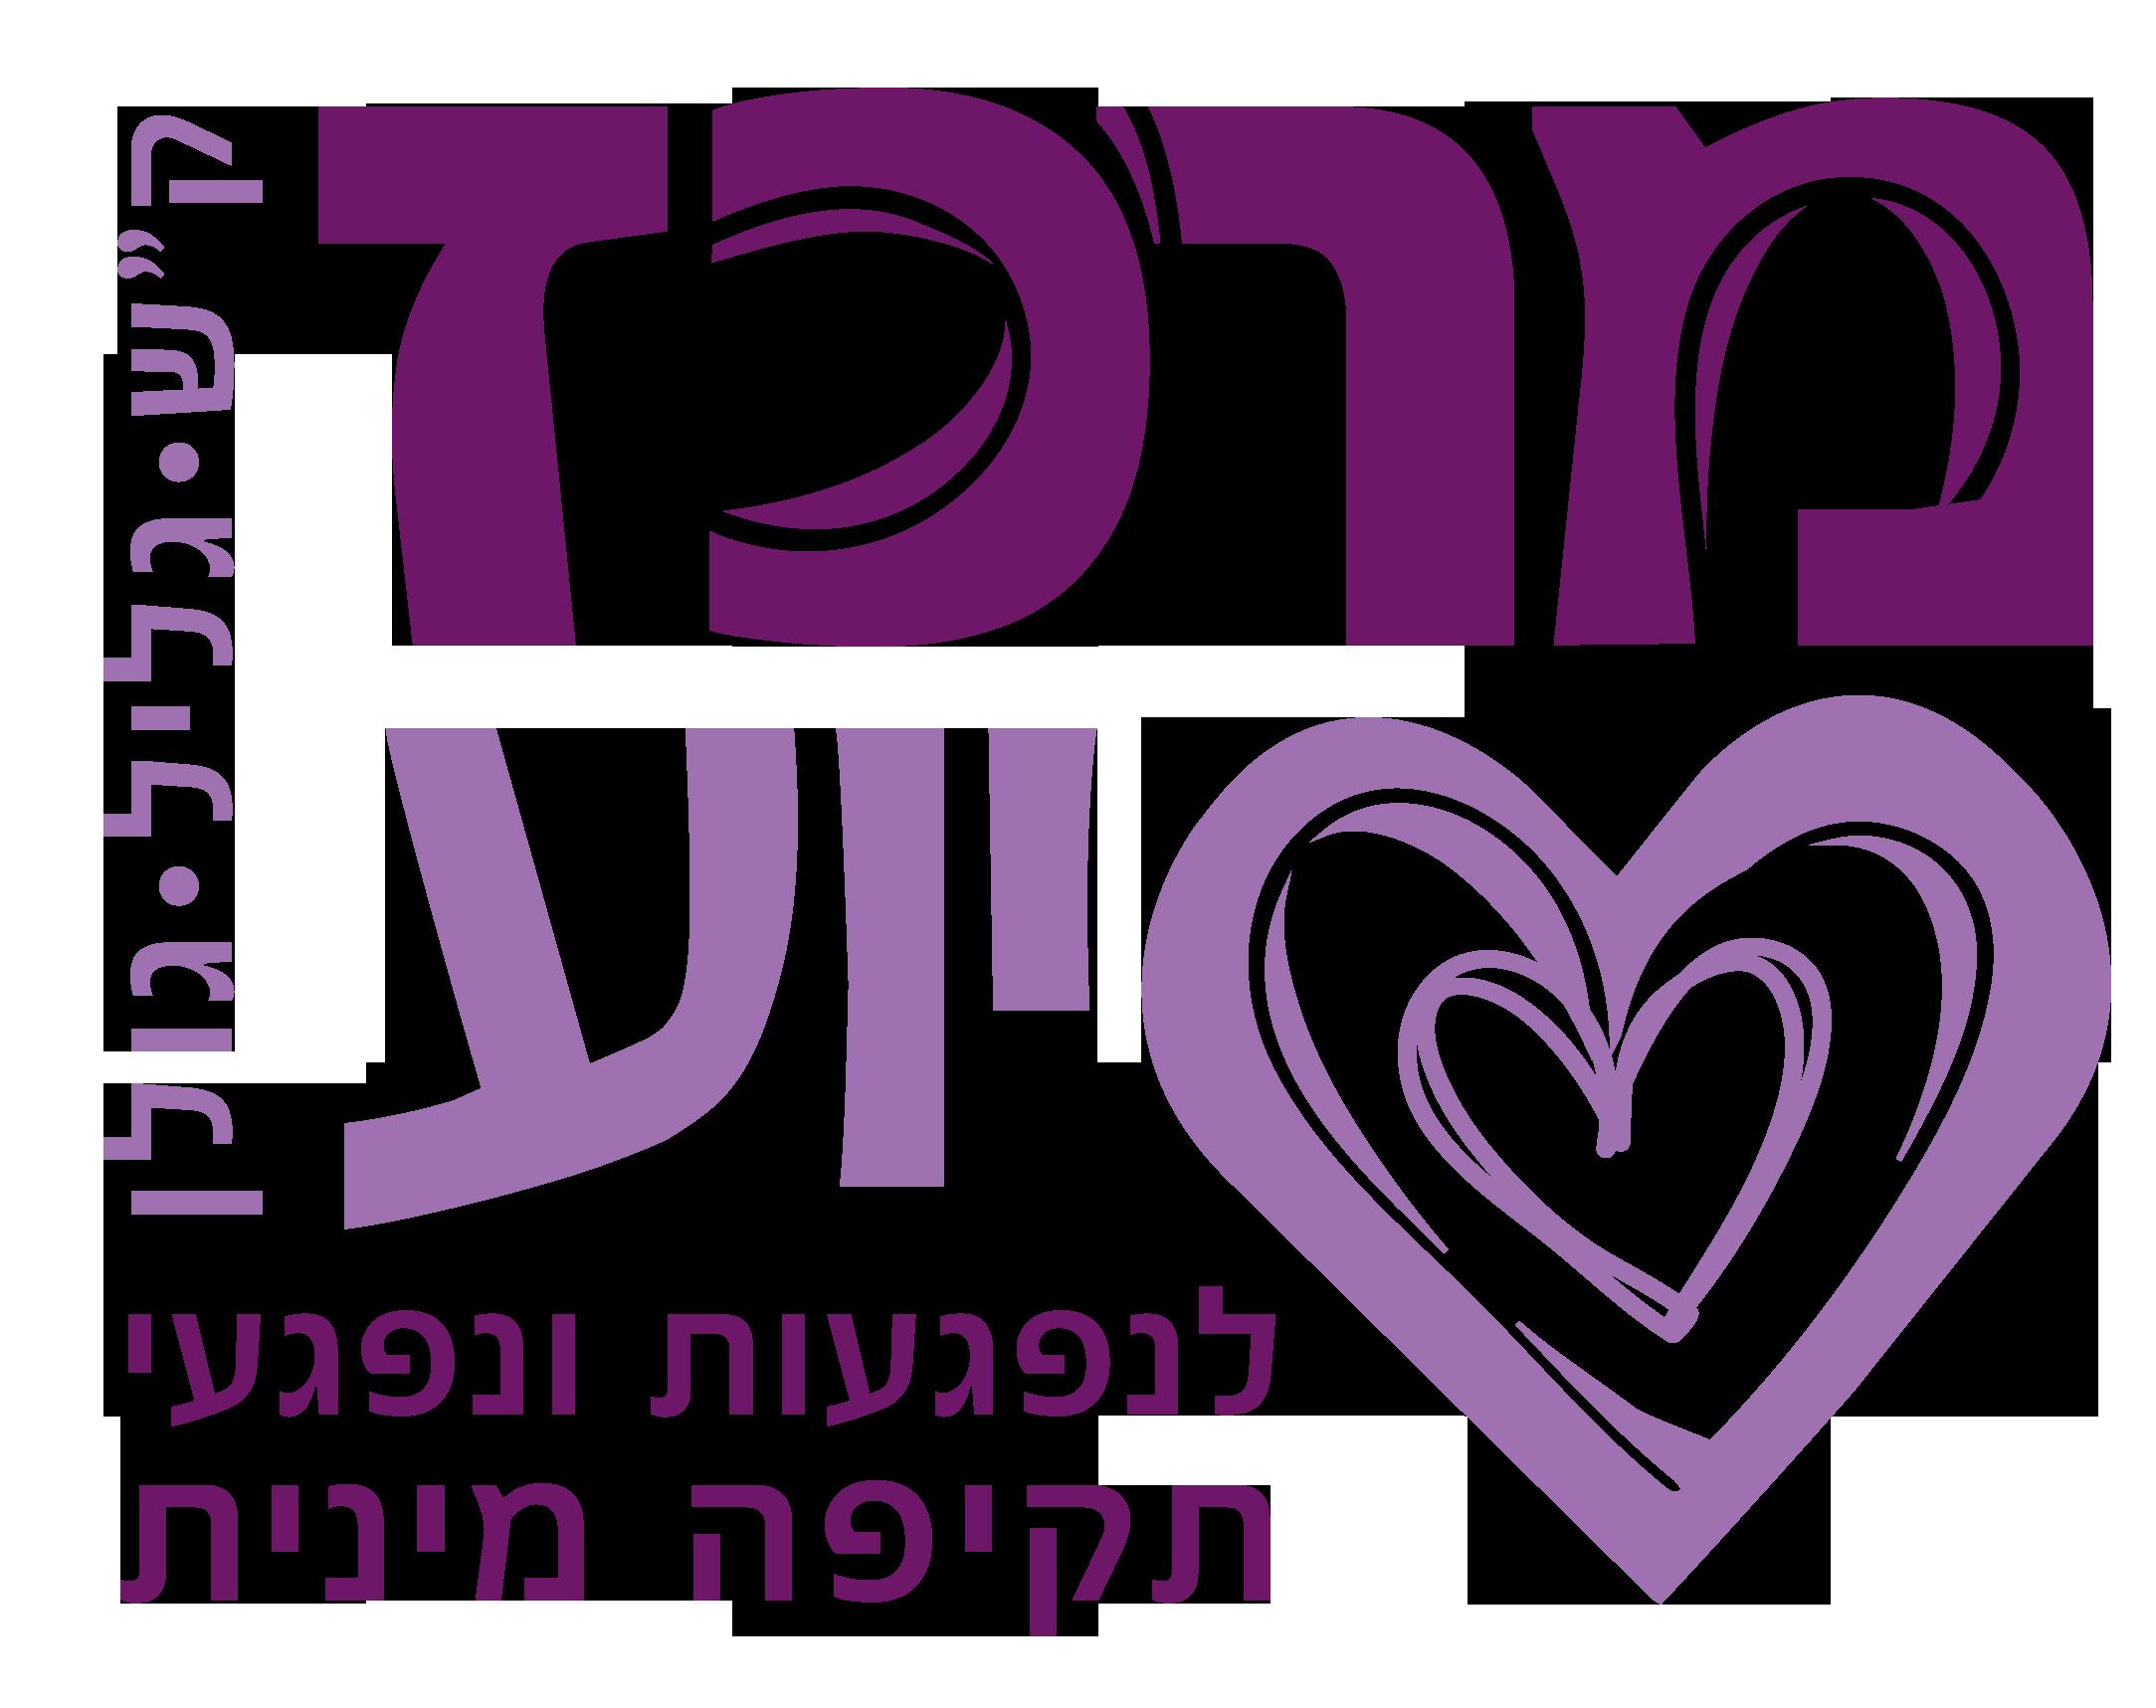 logo ggrcc png